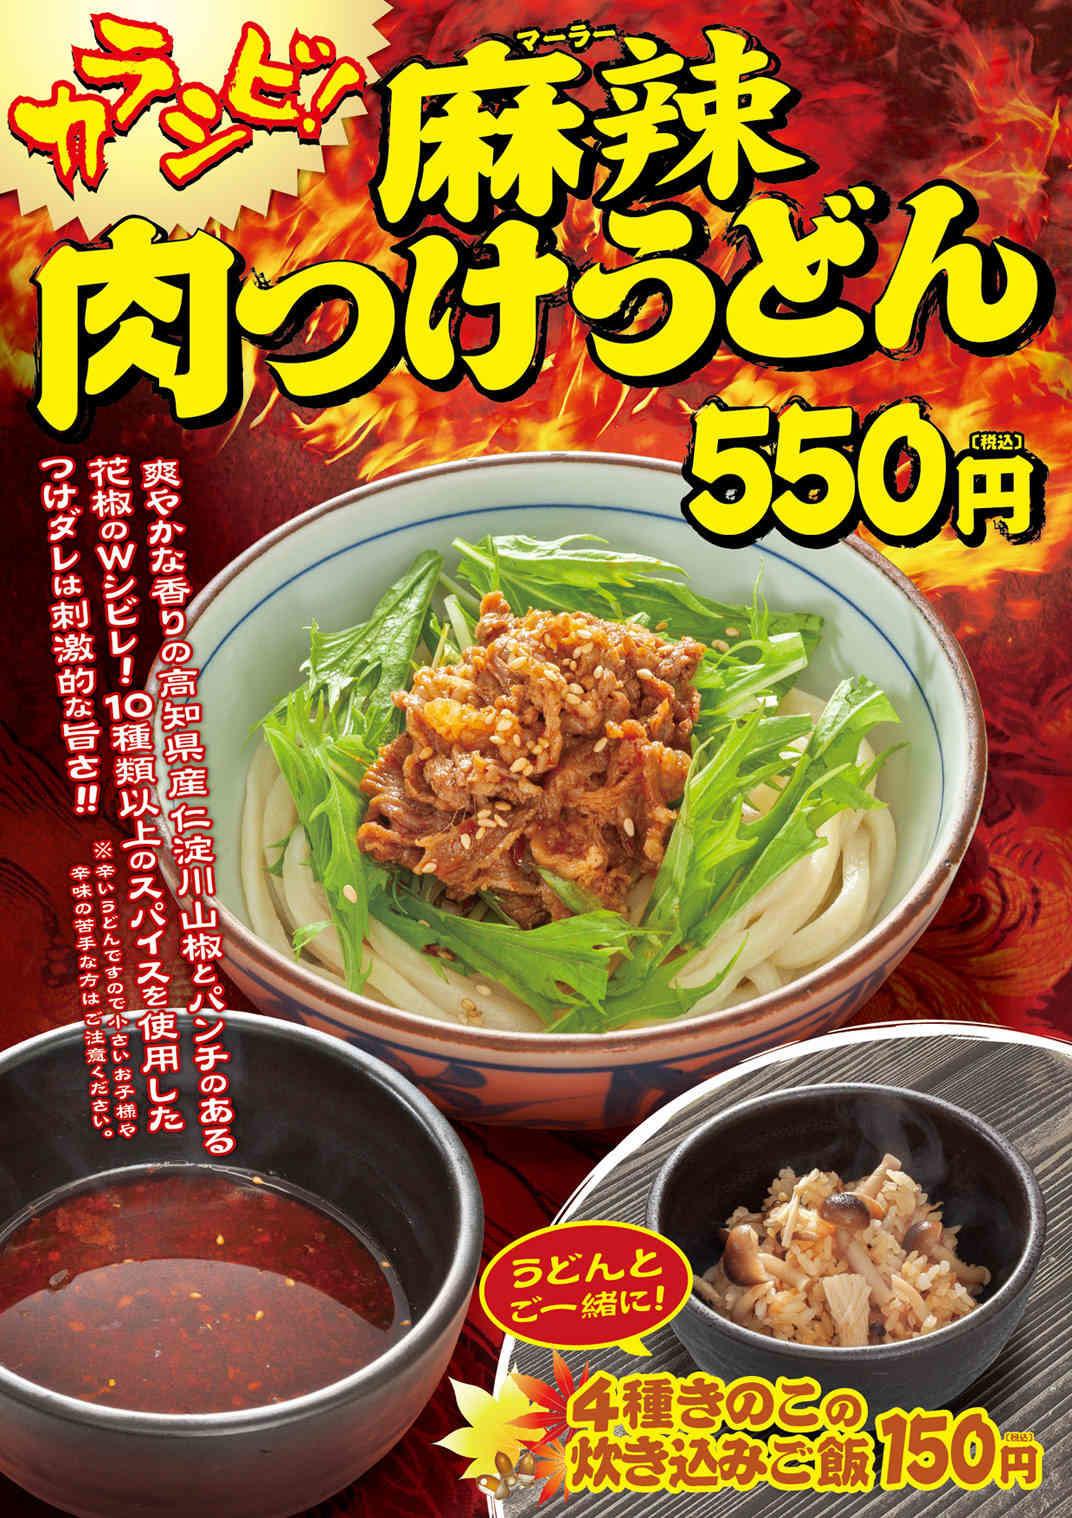 楽釜製麺所 カラシビ麻辣肉つけうどん ポスター